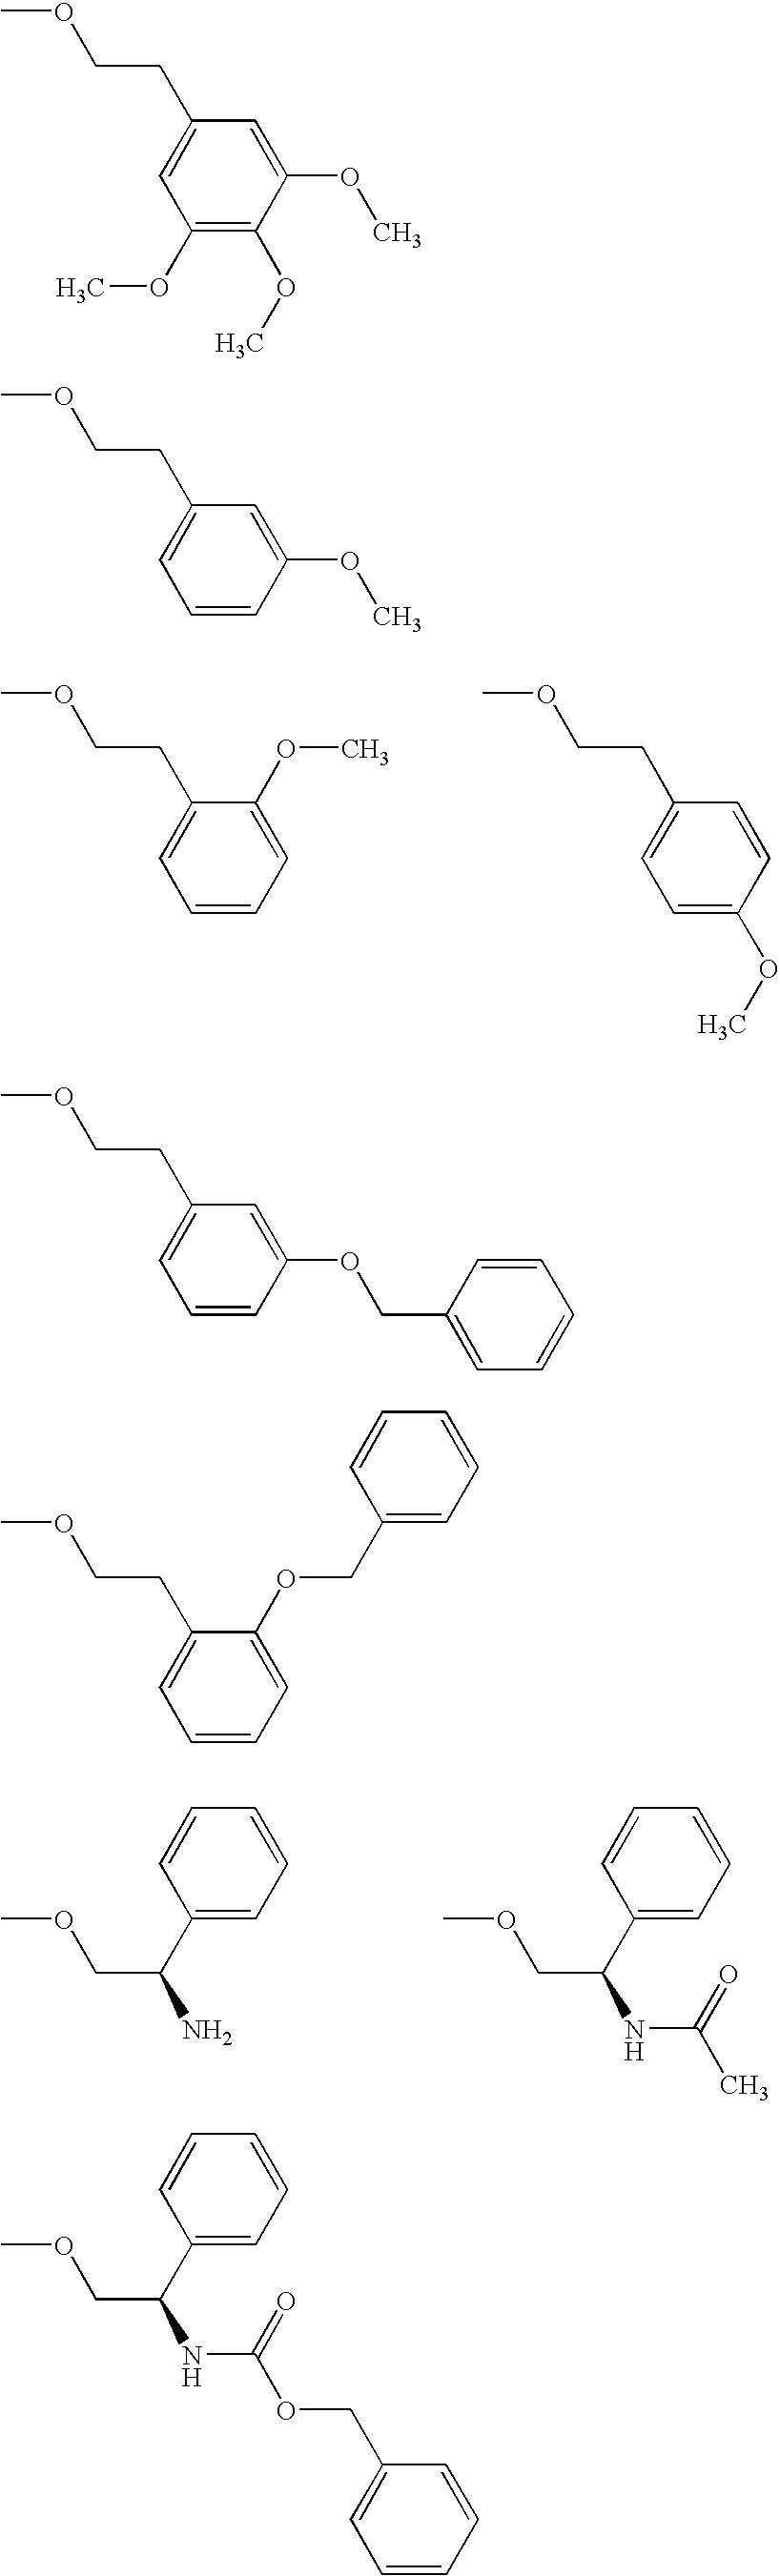 Figure US20070049593A1-20070301-C00221